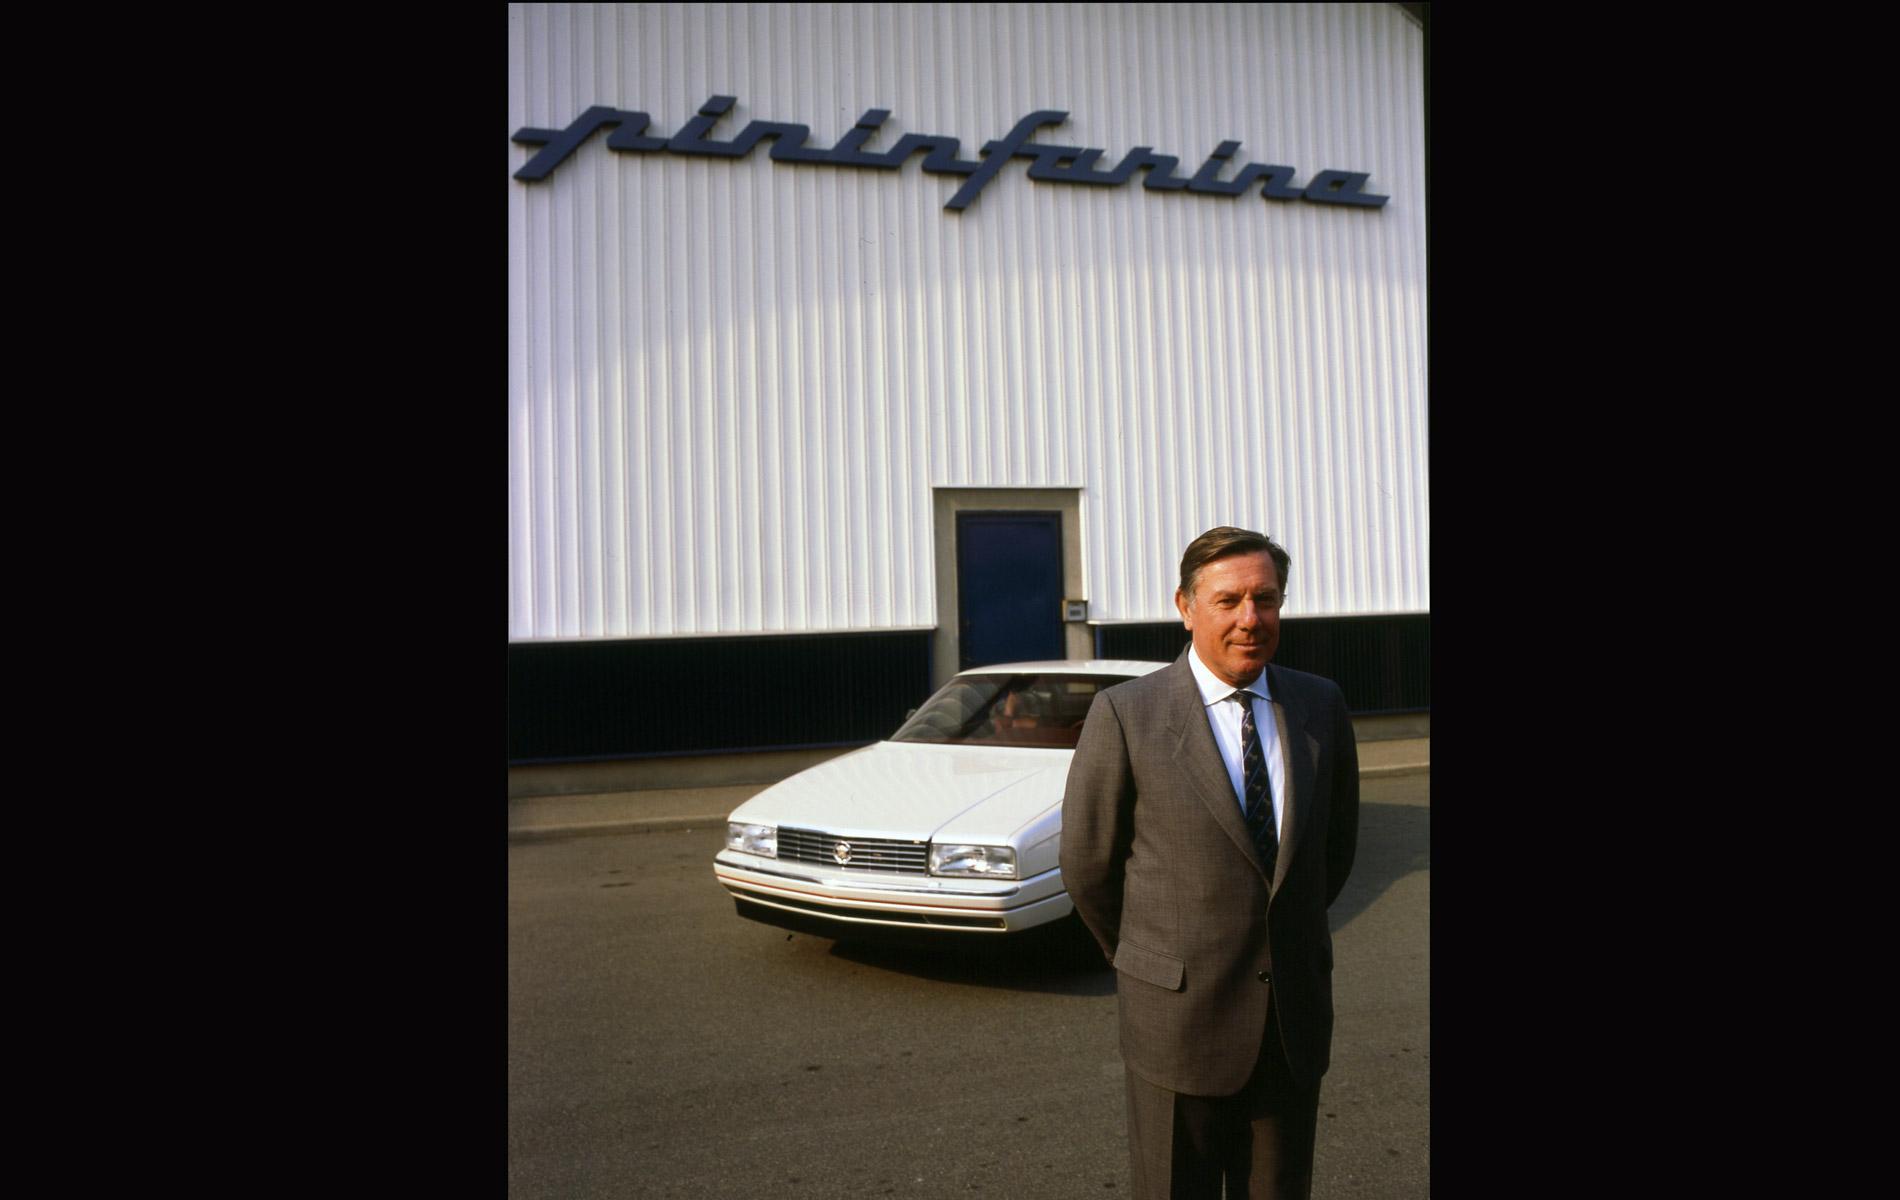 SERGIO PININFARINA - Italian Car Designer - Portraits Exhibition - © Graziano Villa